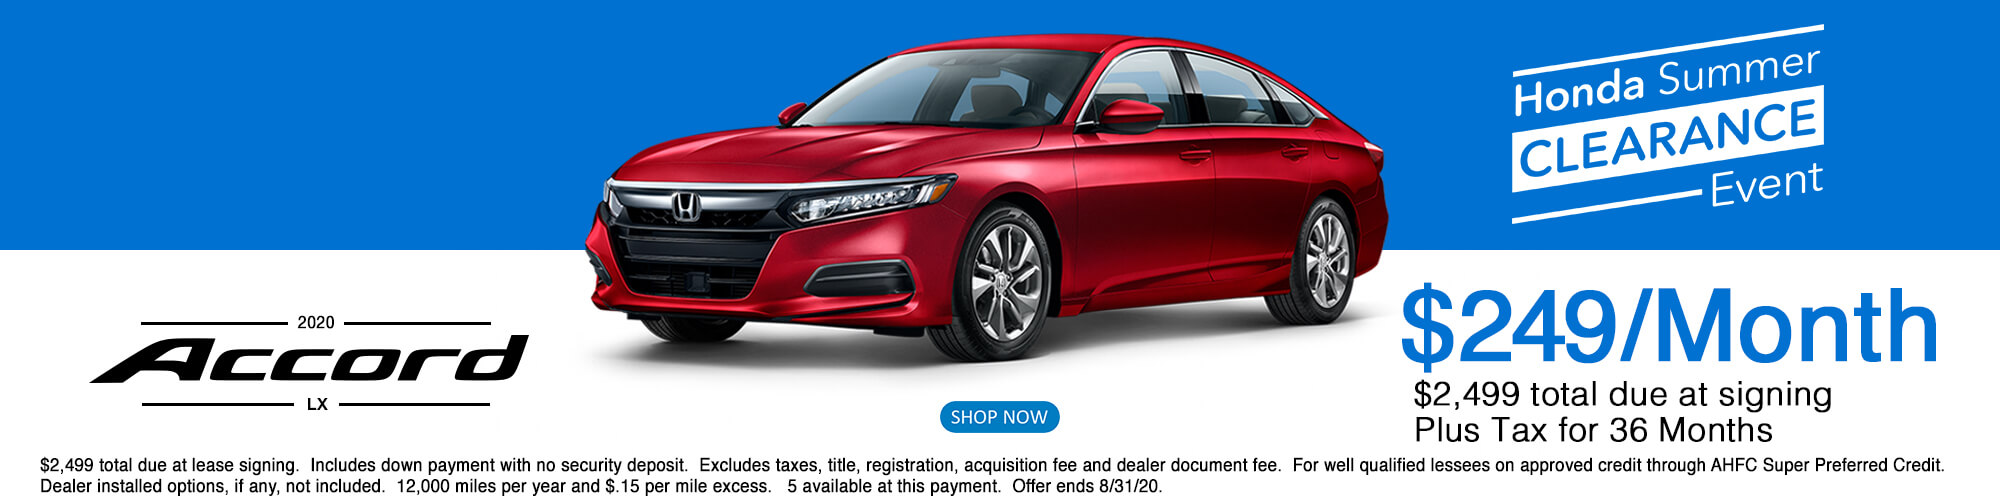 2020 Honda Accord LX Lease Offer